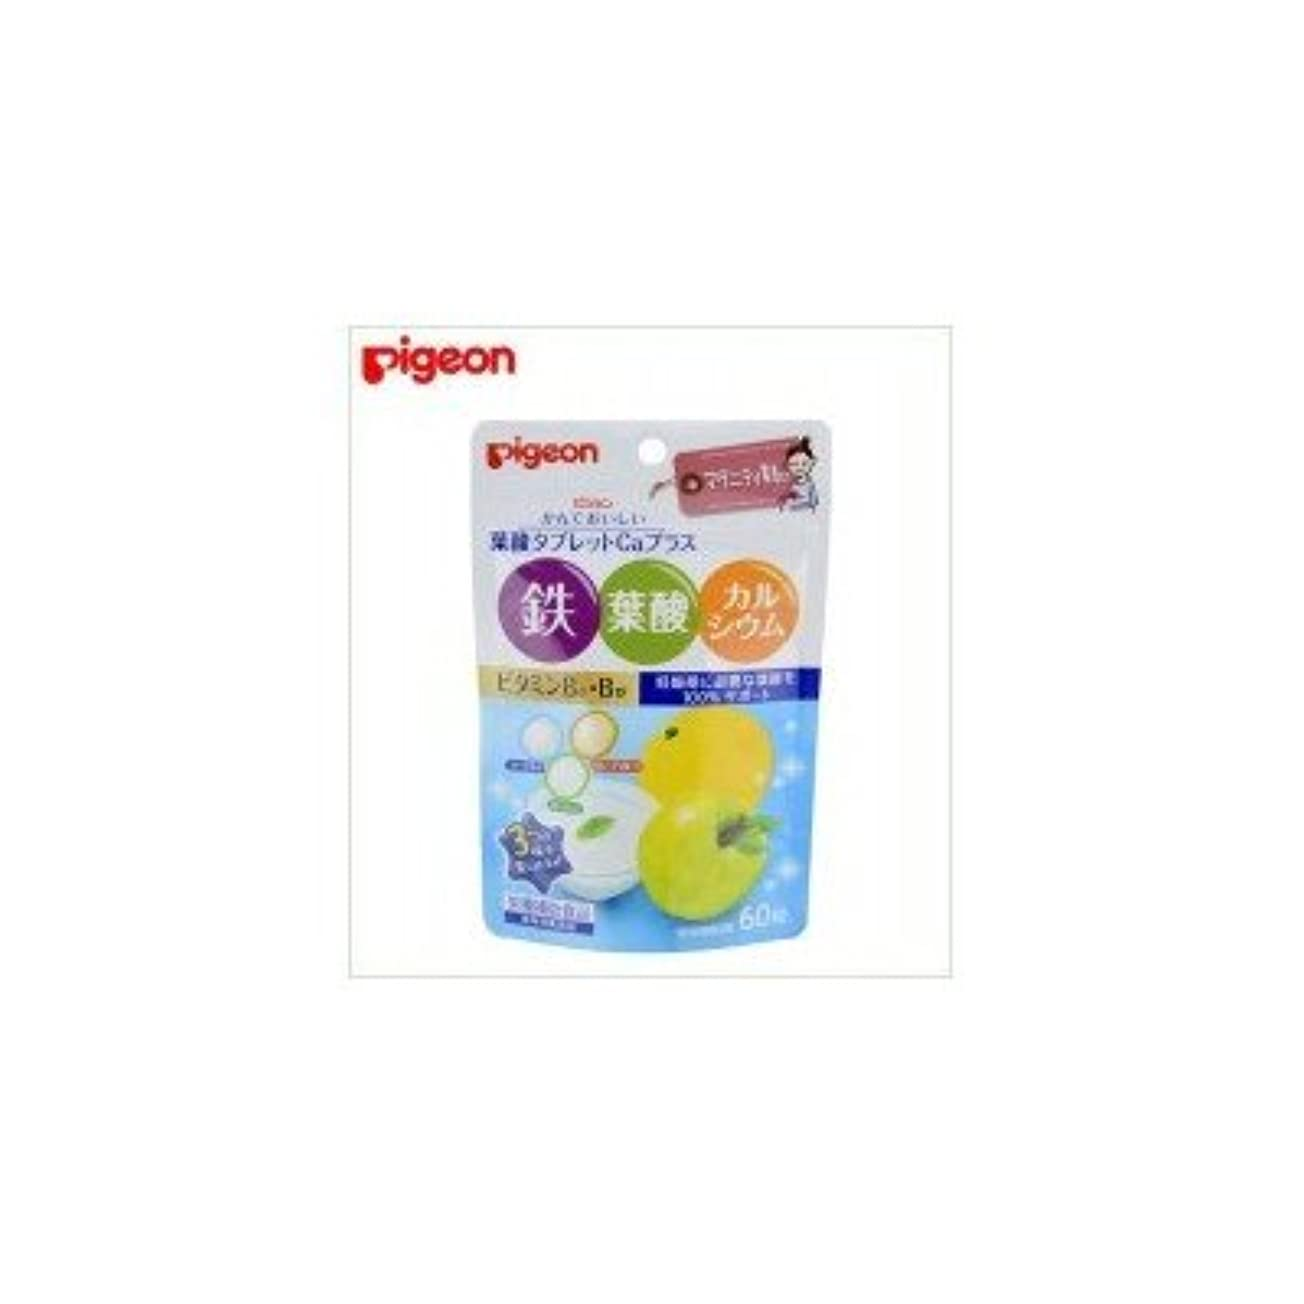 一般化するトライアスリートワックスPigeon(ピジョン) サプリメント 栄養補助食品 かんでおいしい葉酸タブレット Caプラス 60粒 20446